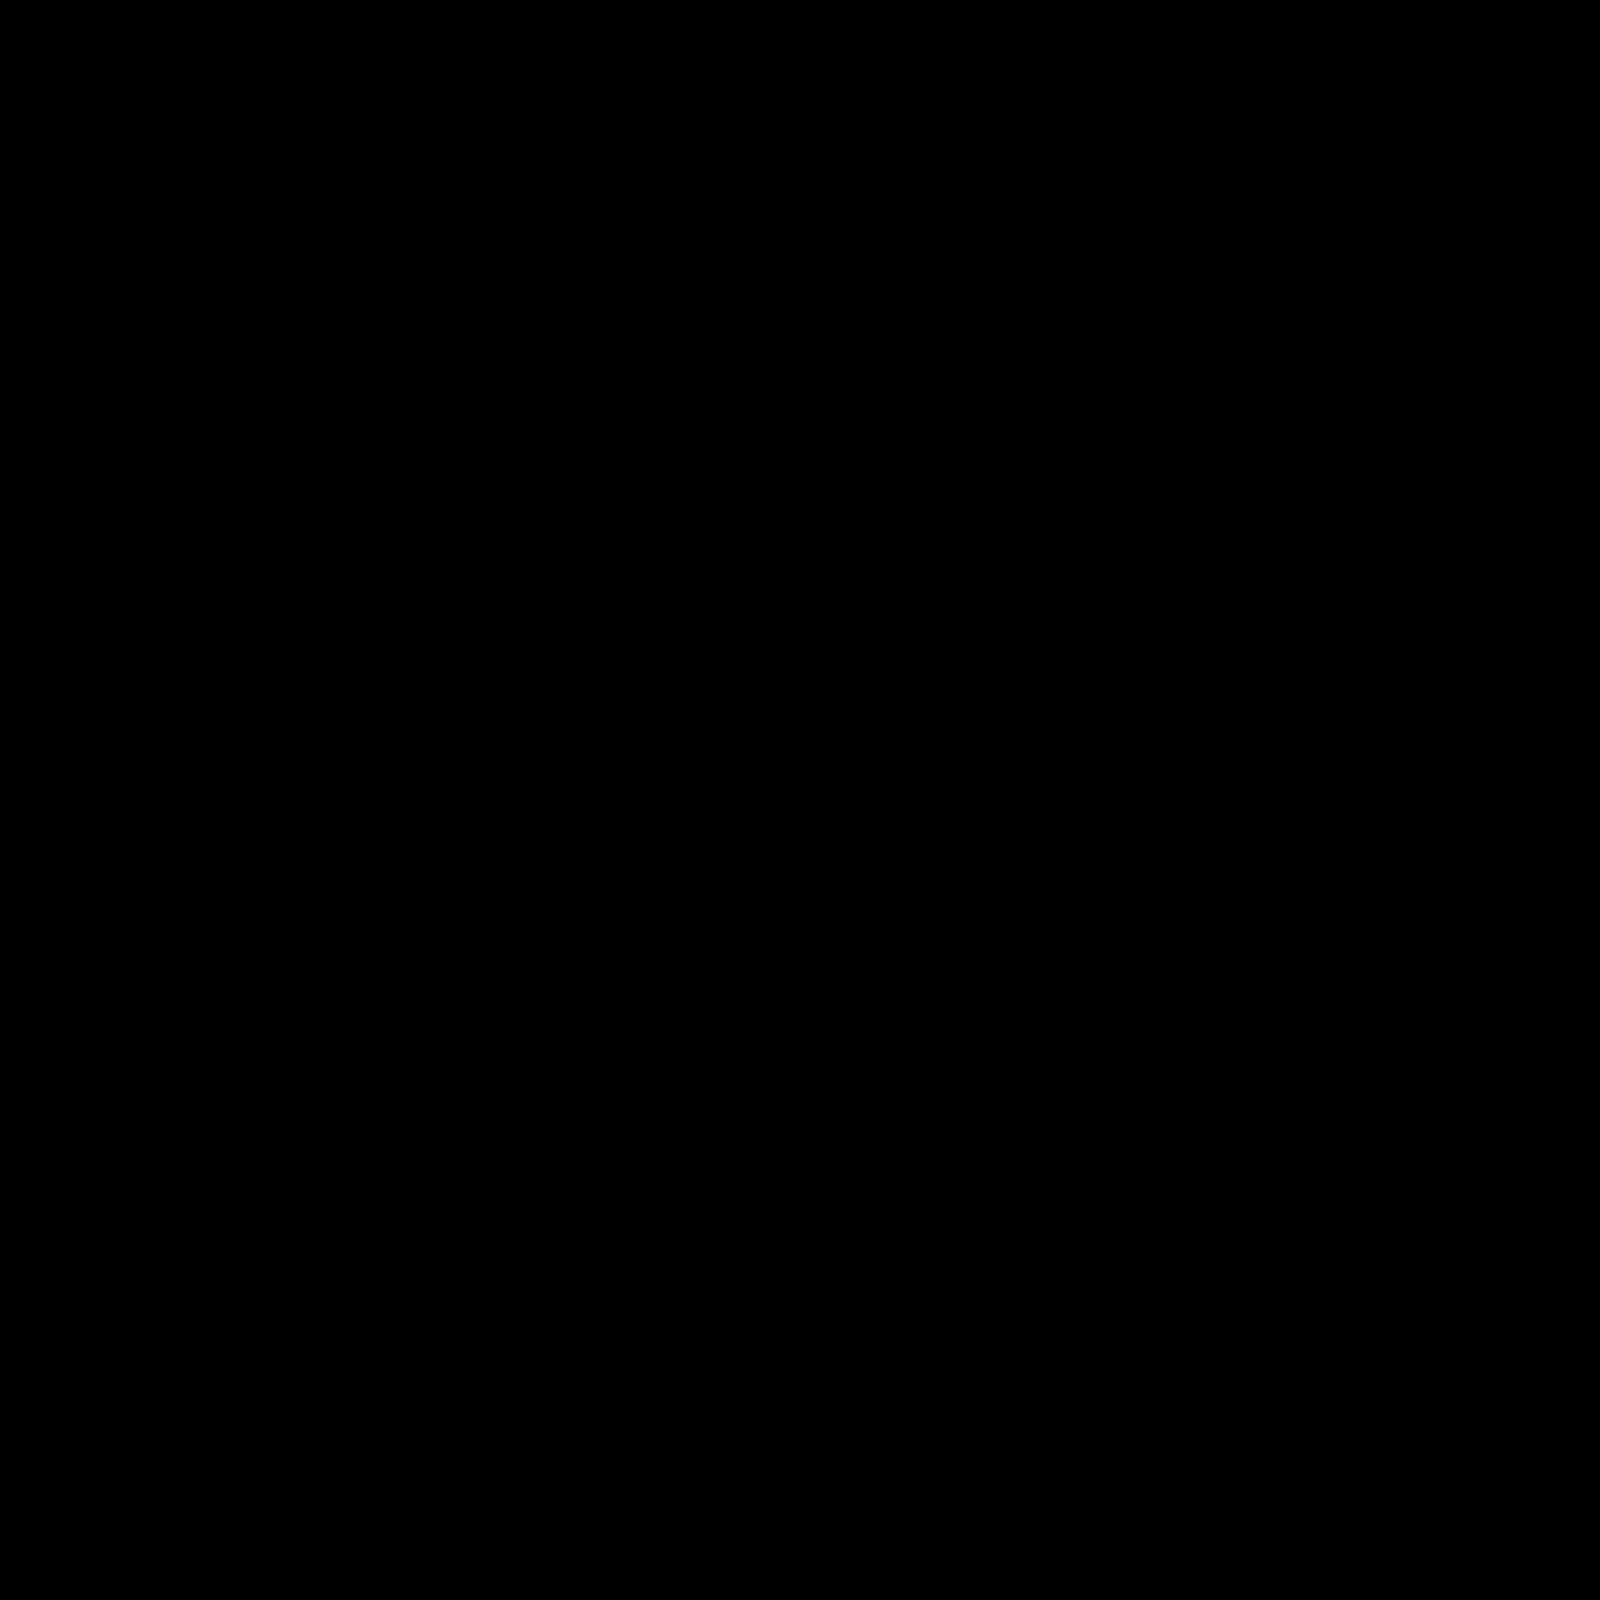 Połączona skrzynka mailowa icon